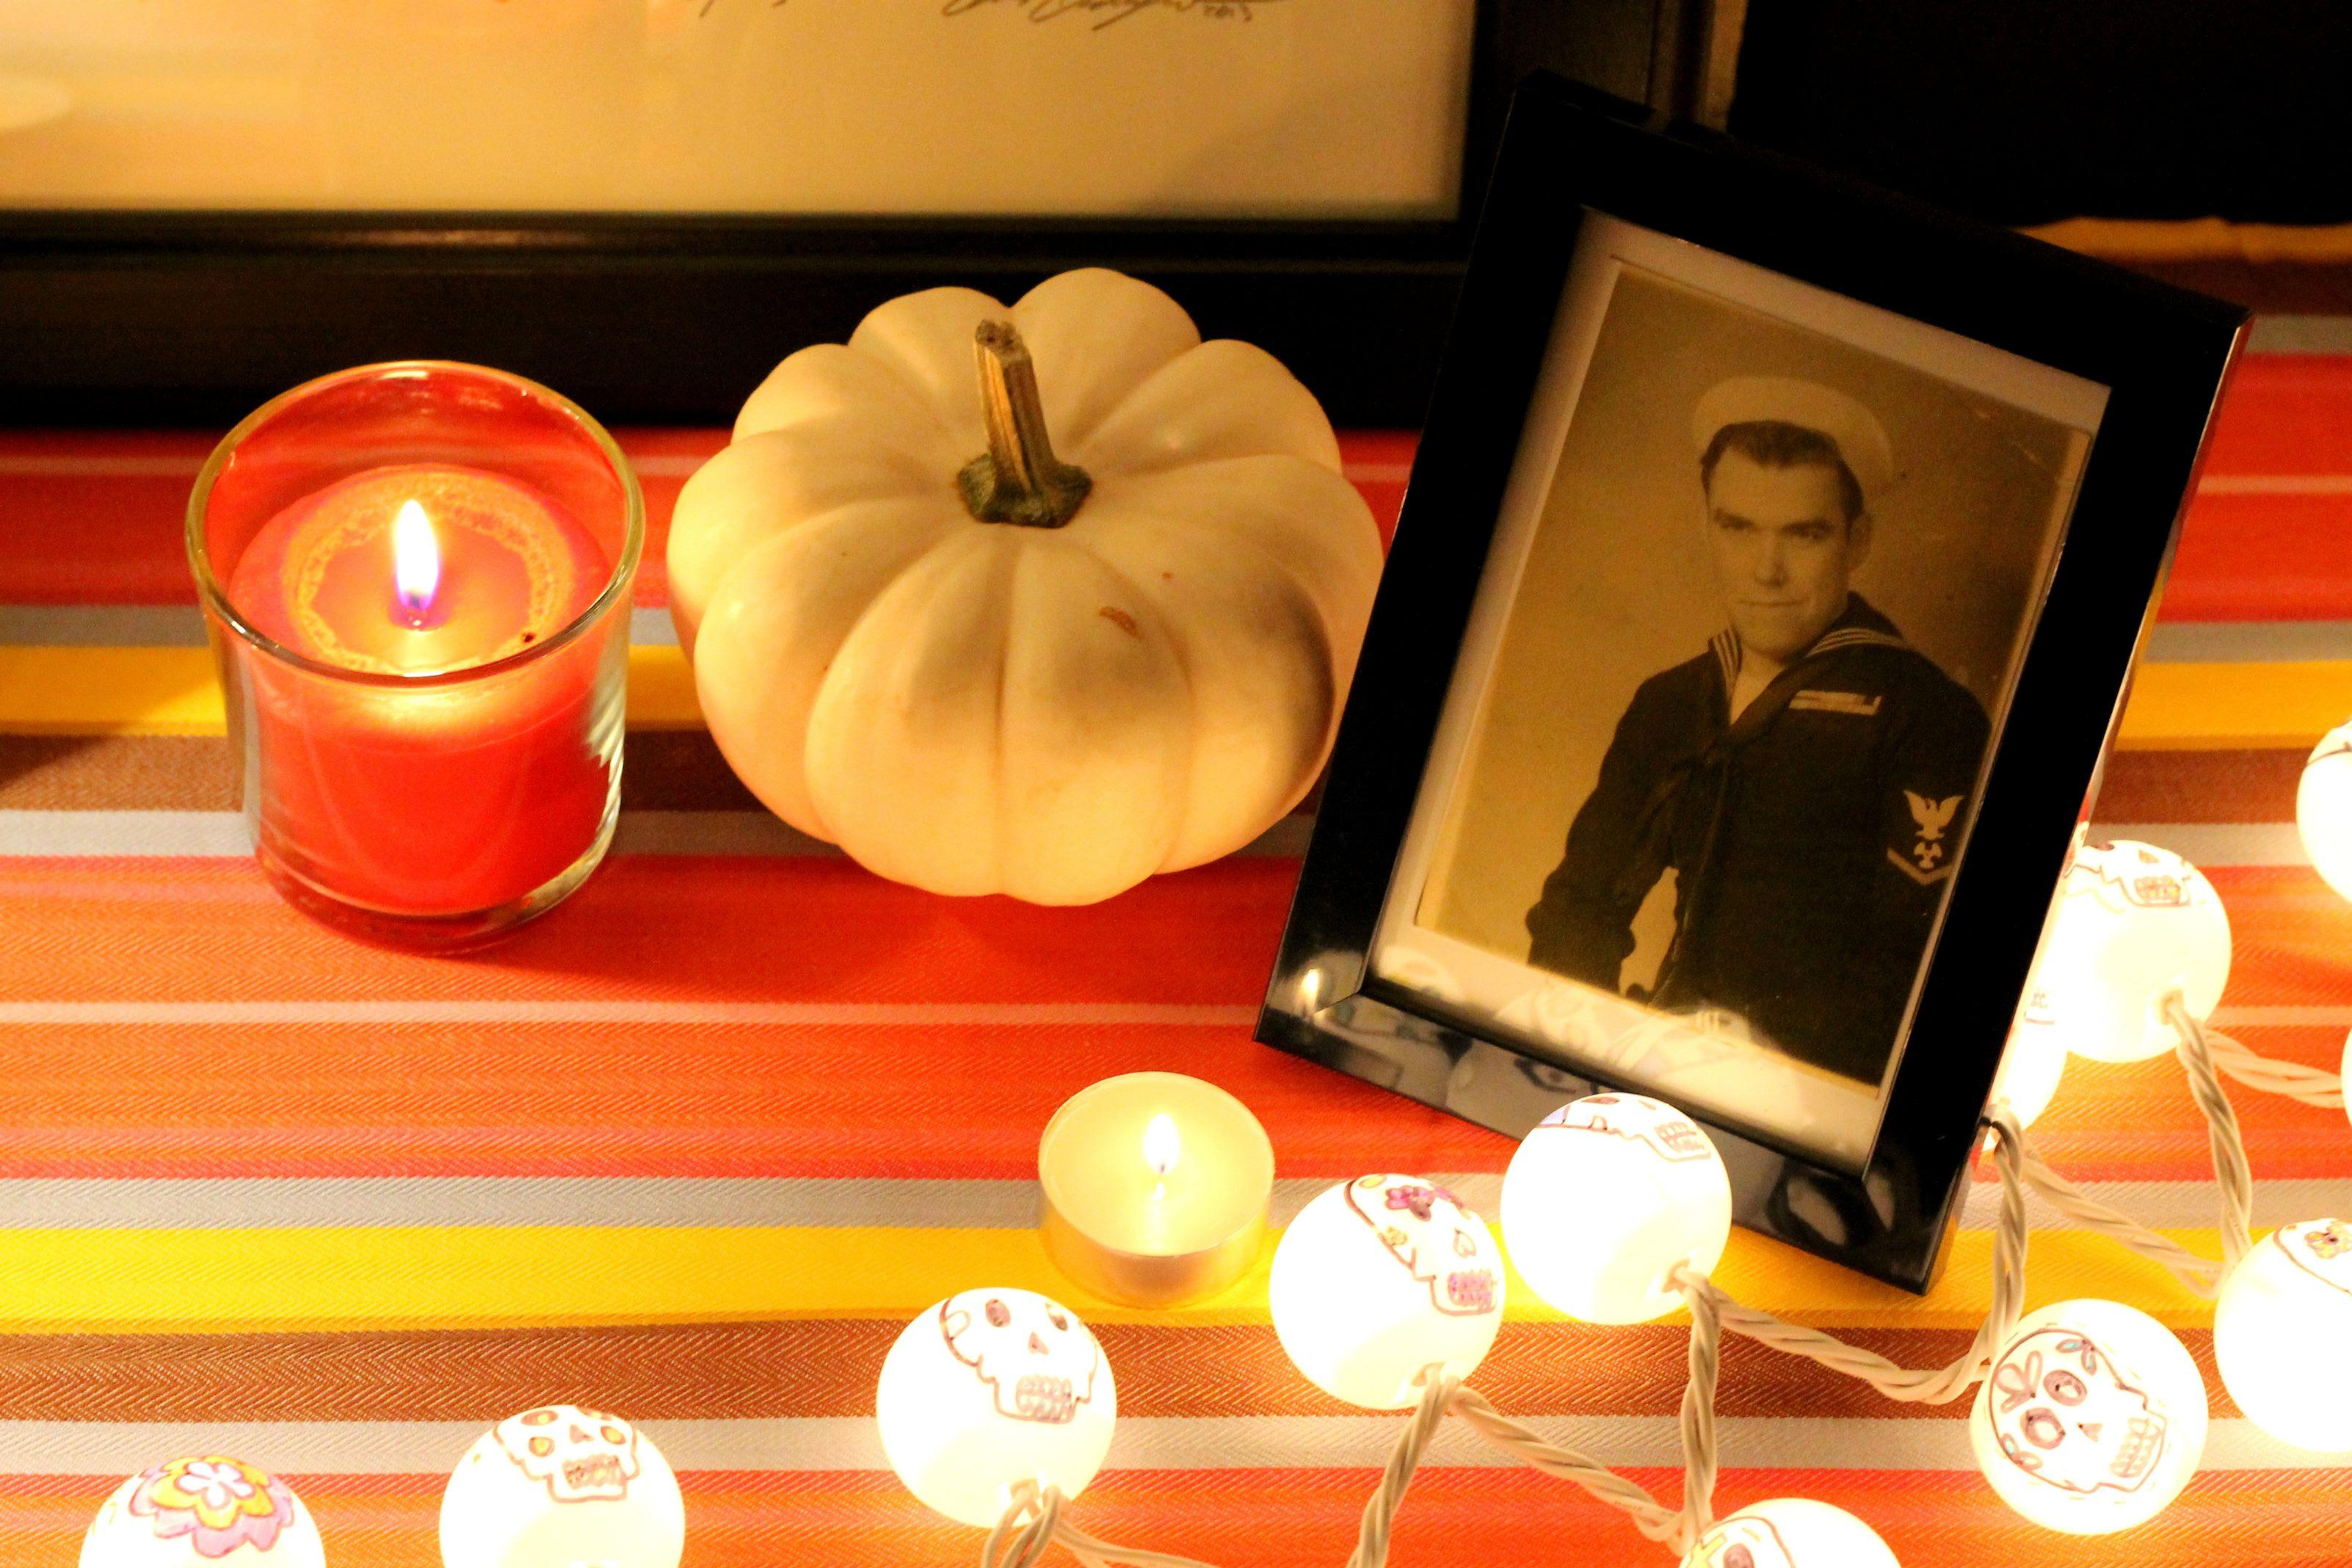 Dearly Beloved: Dia de los Muertos lights